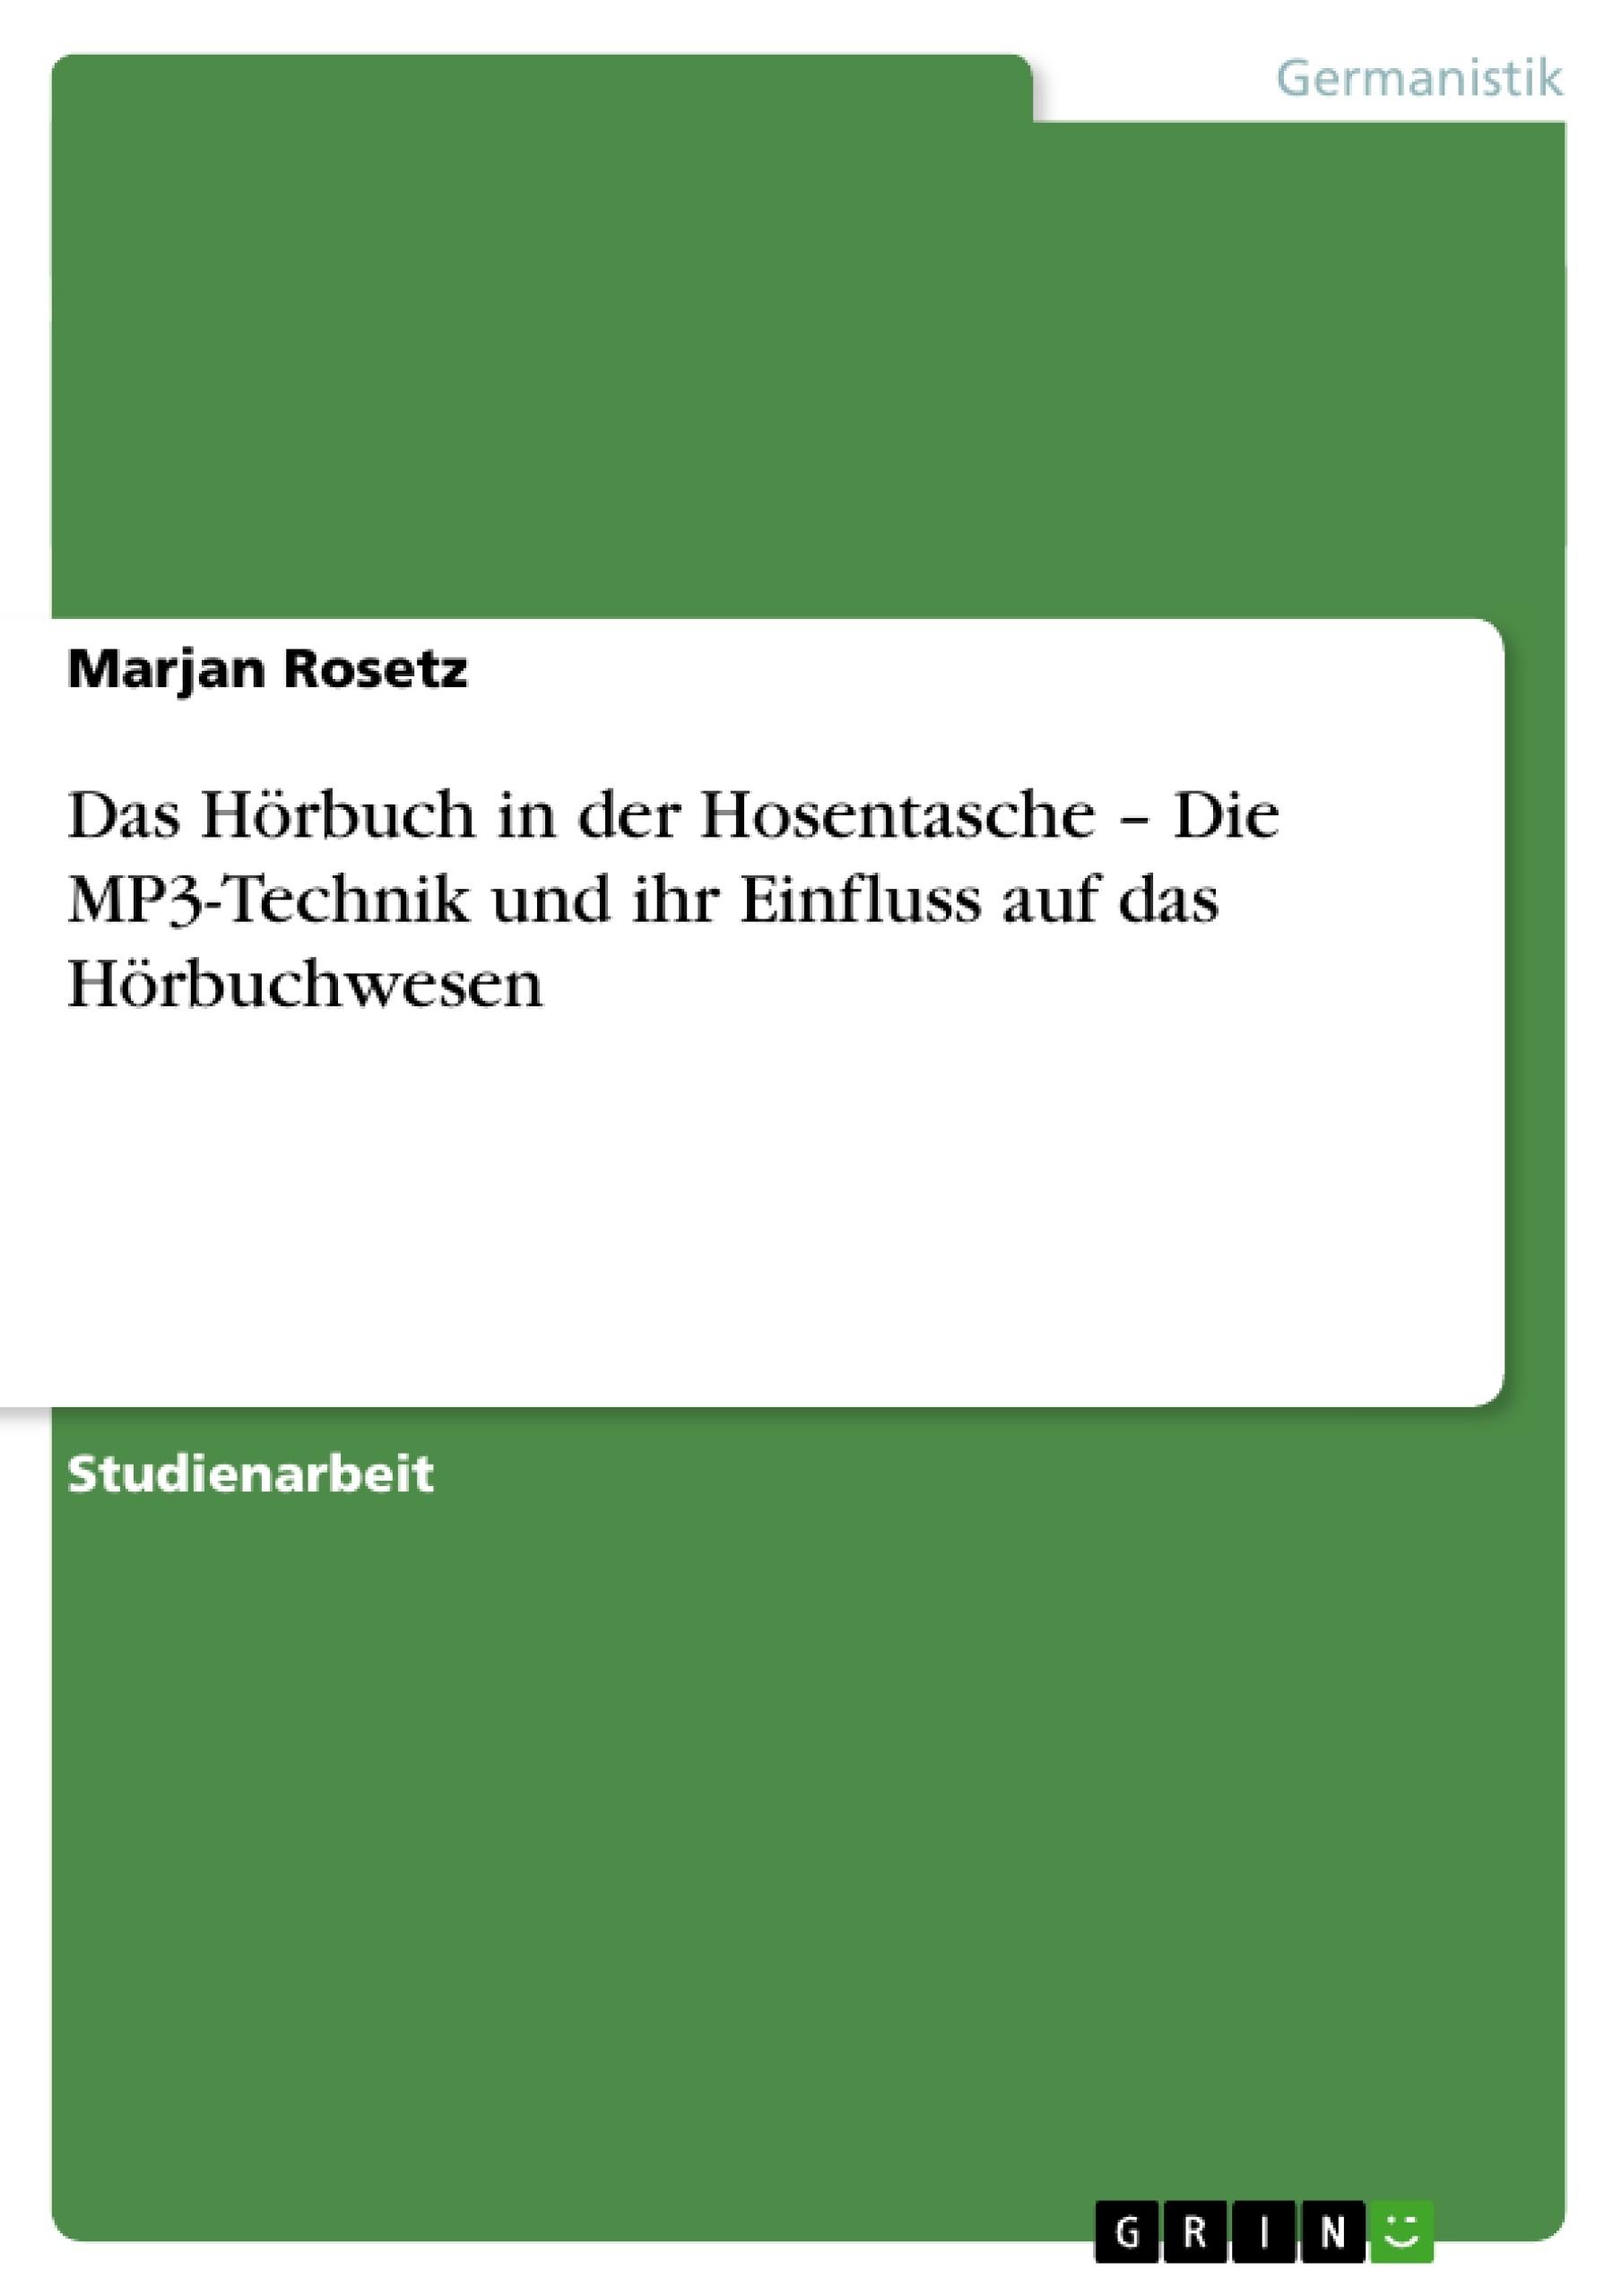 Titel: Das Hörbuch in der Hosentasche – Die MP3-Technik und ihr Einfluss auf das Hörbuchwesen